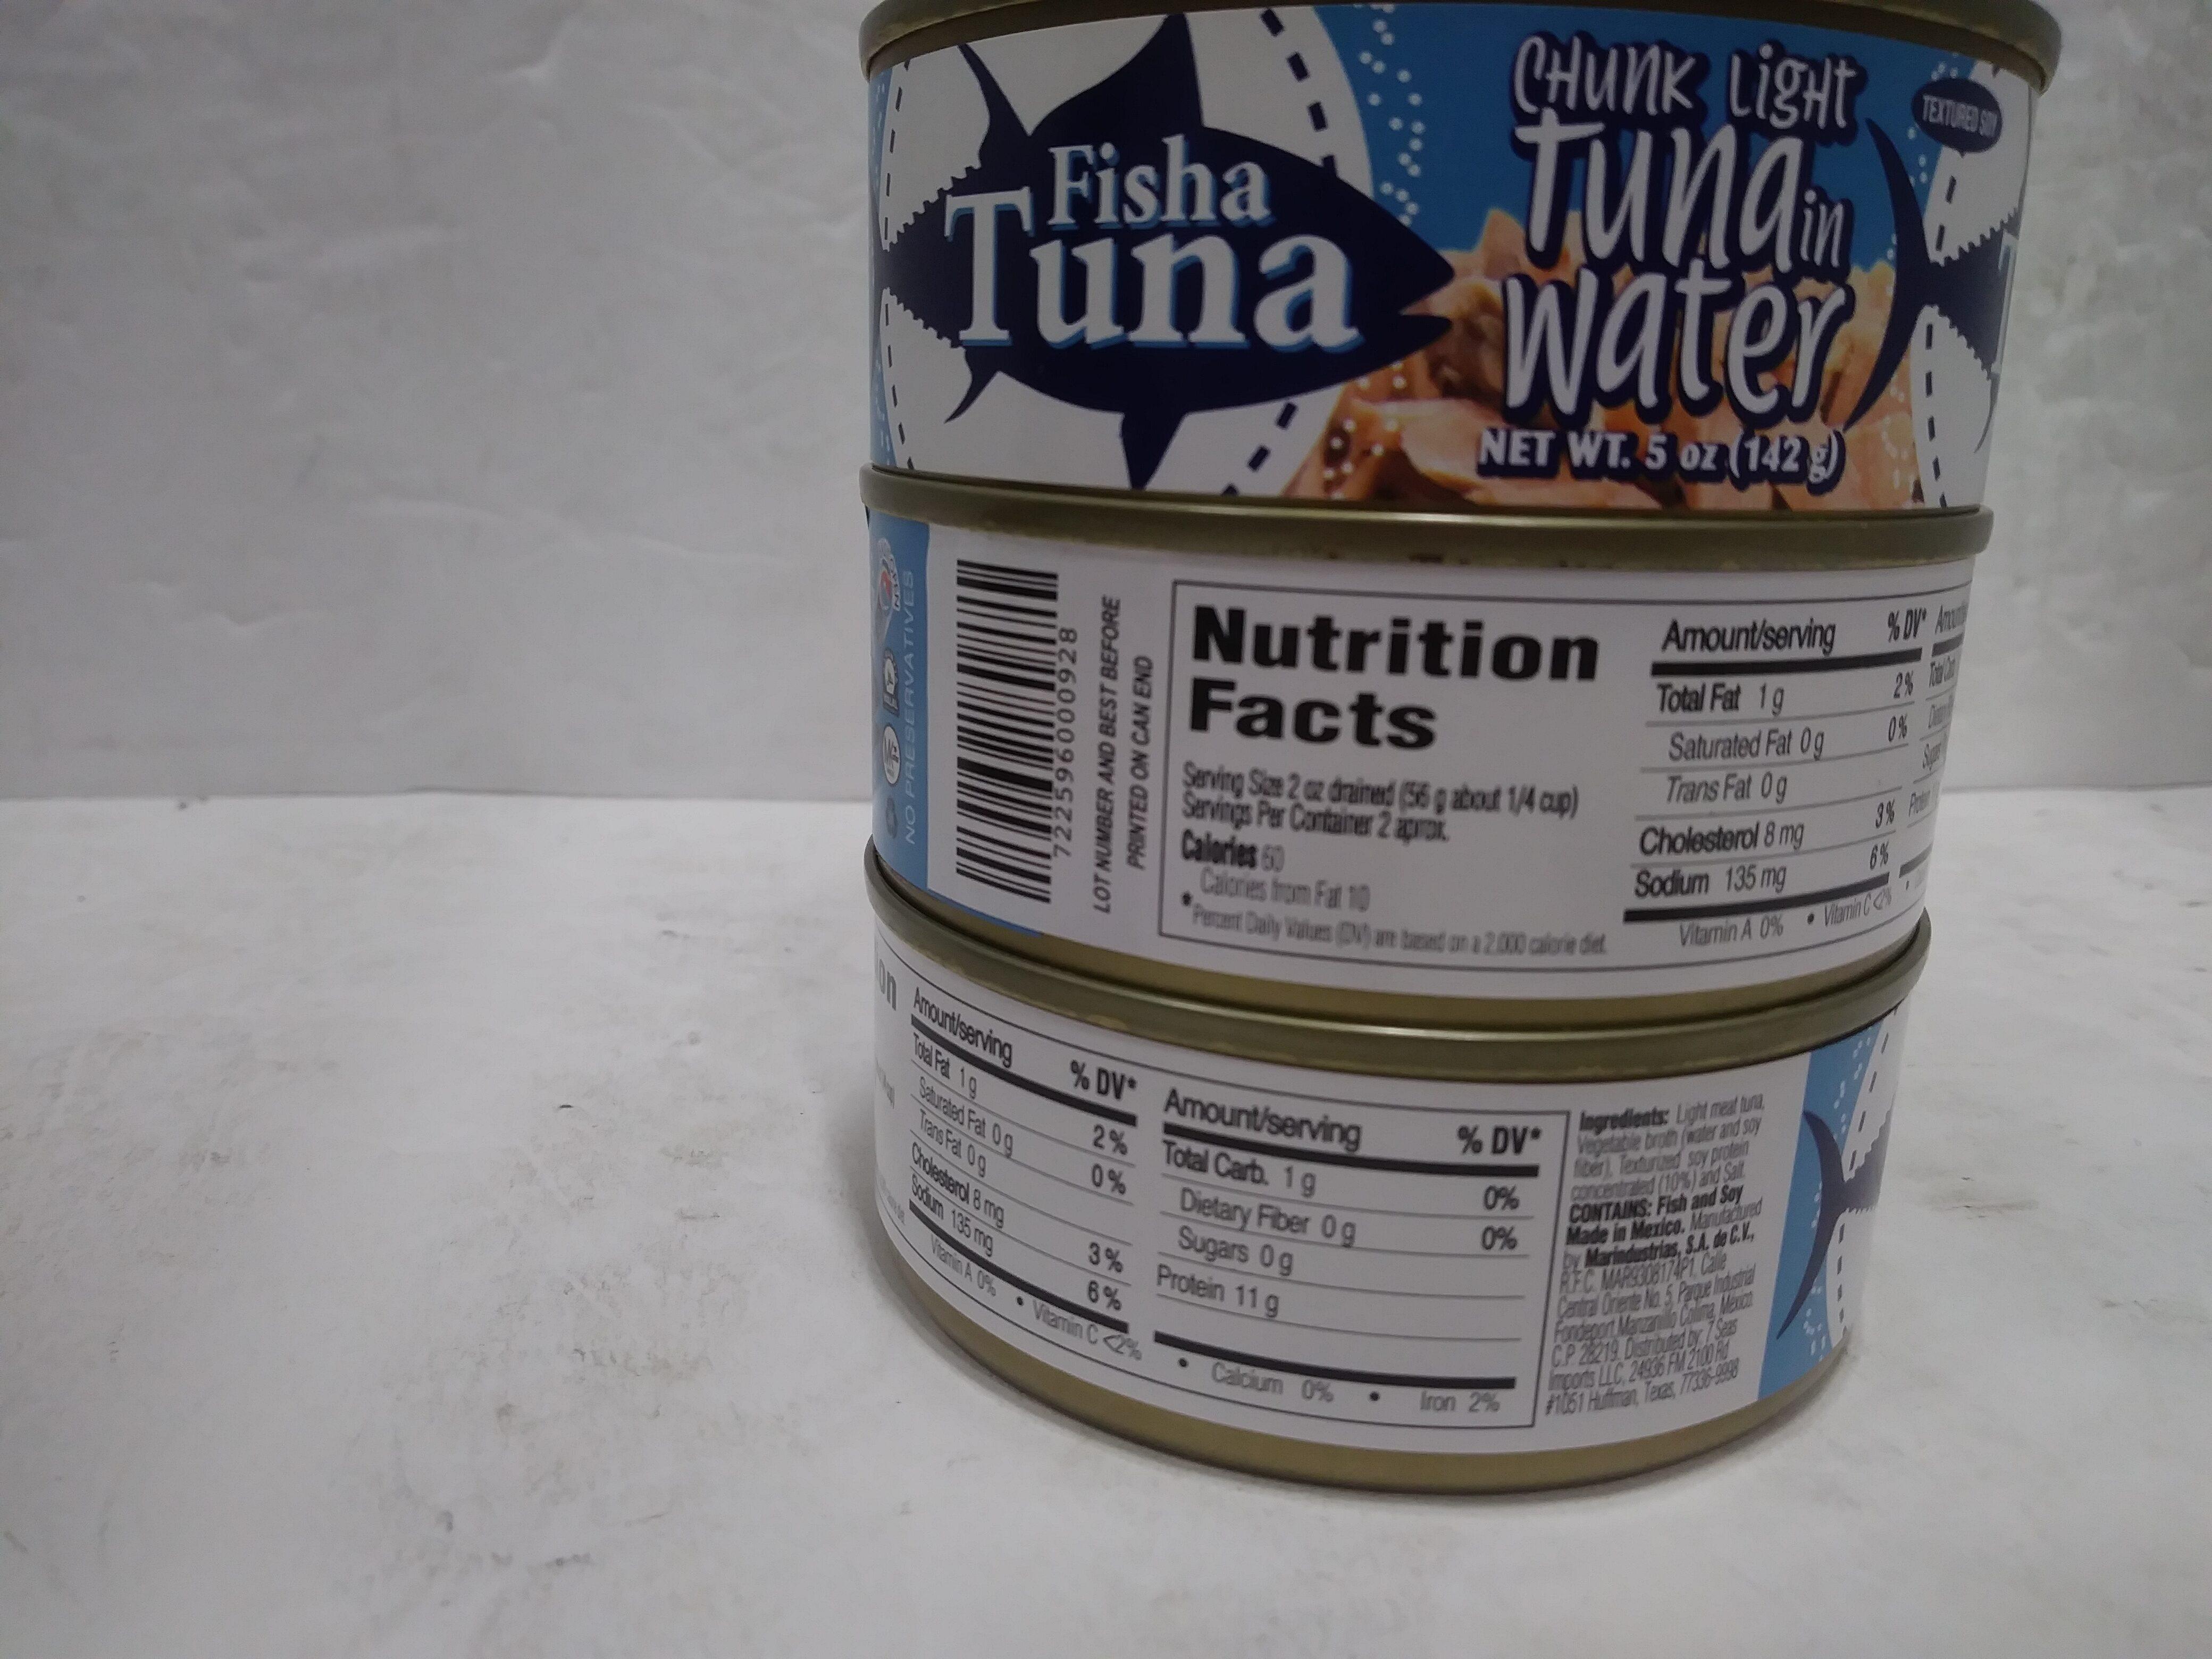 Chunk Light Tuna Fish in Water - Producto - en